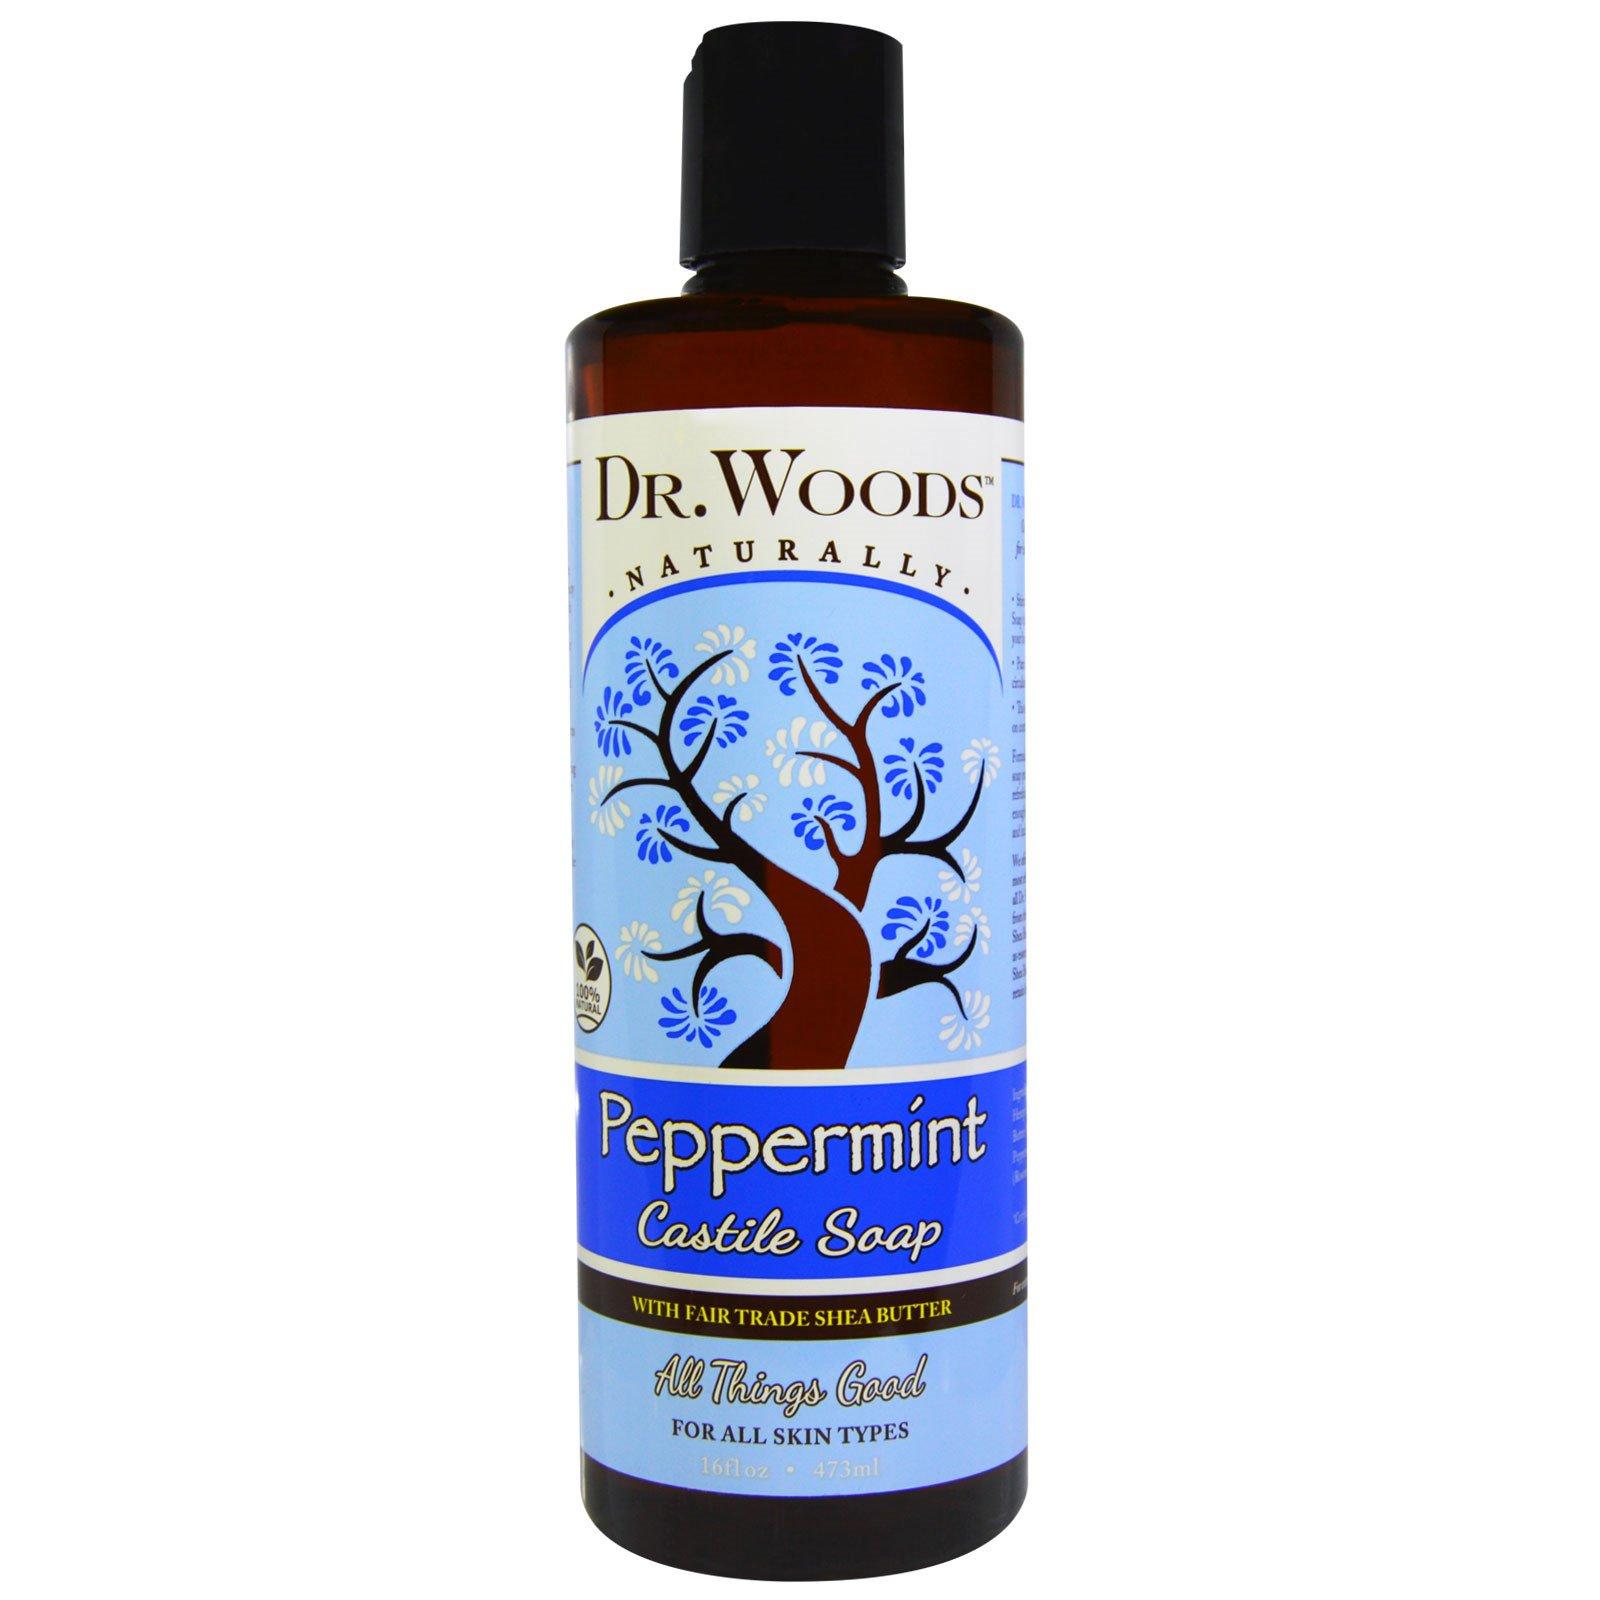 Dr. Woods, Перечная мята, кастильское мыло с маслом ши, соответствующим стандартам справедливой торговли, 16 жидких унций (473 мл)